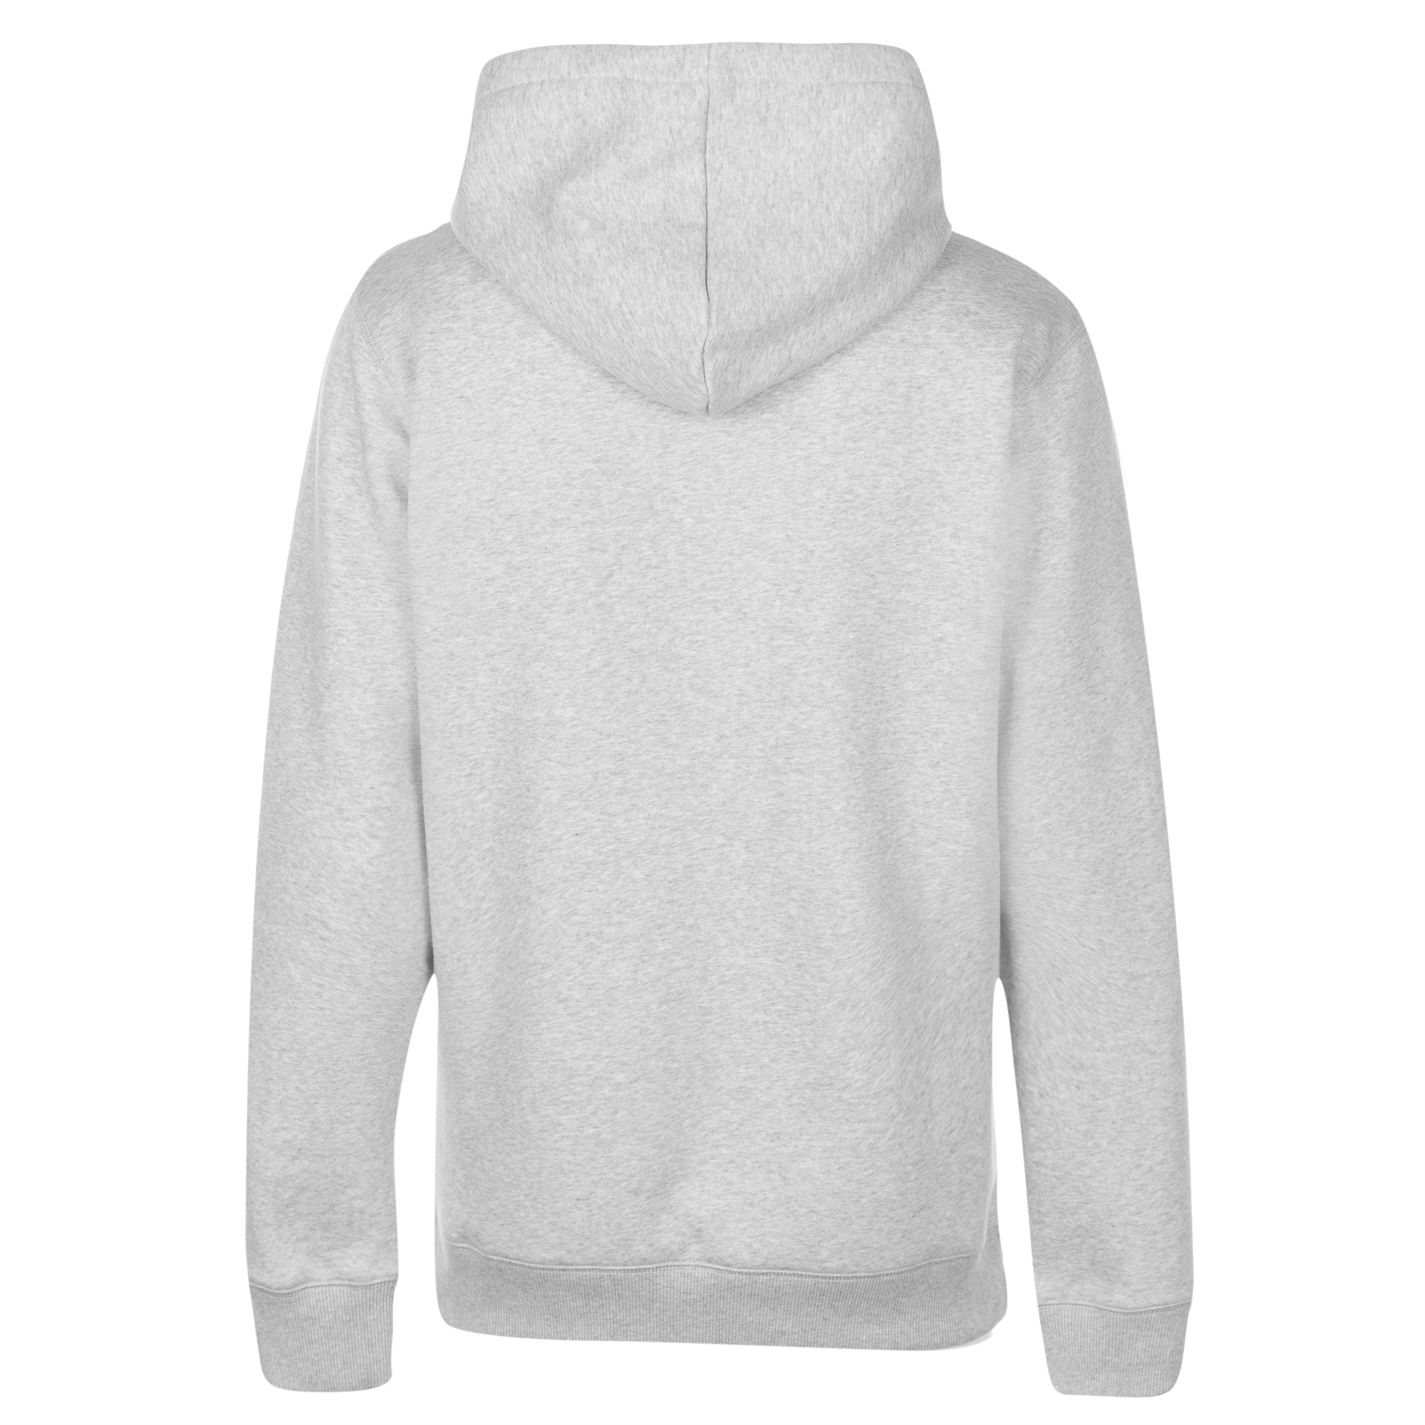 Quiksilver Mens Archway Hoodie OTH Hoody Hooded Top Long Sleeve Cotton Kangaroo